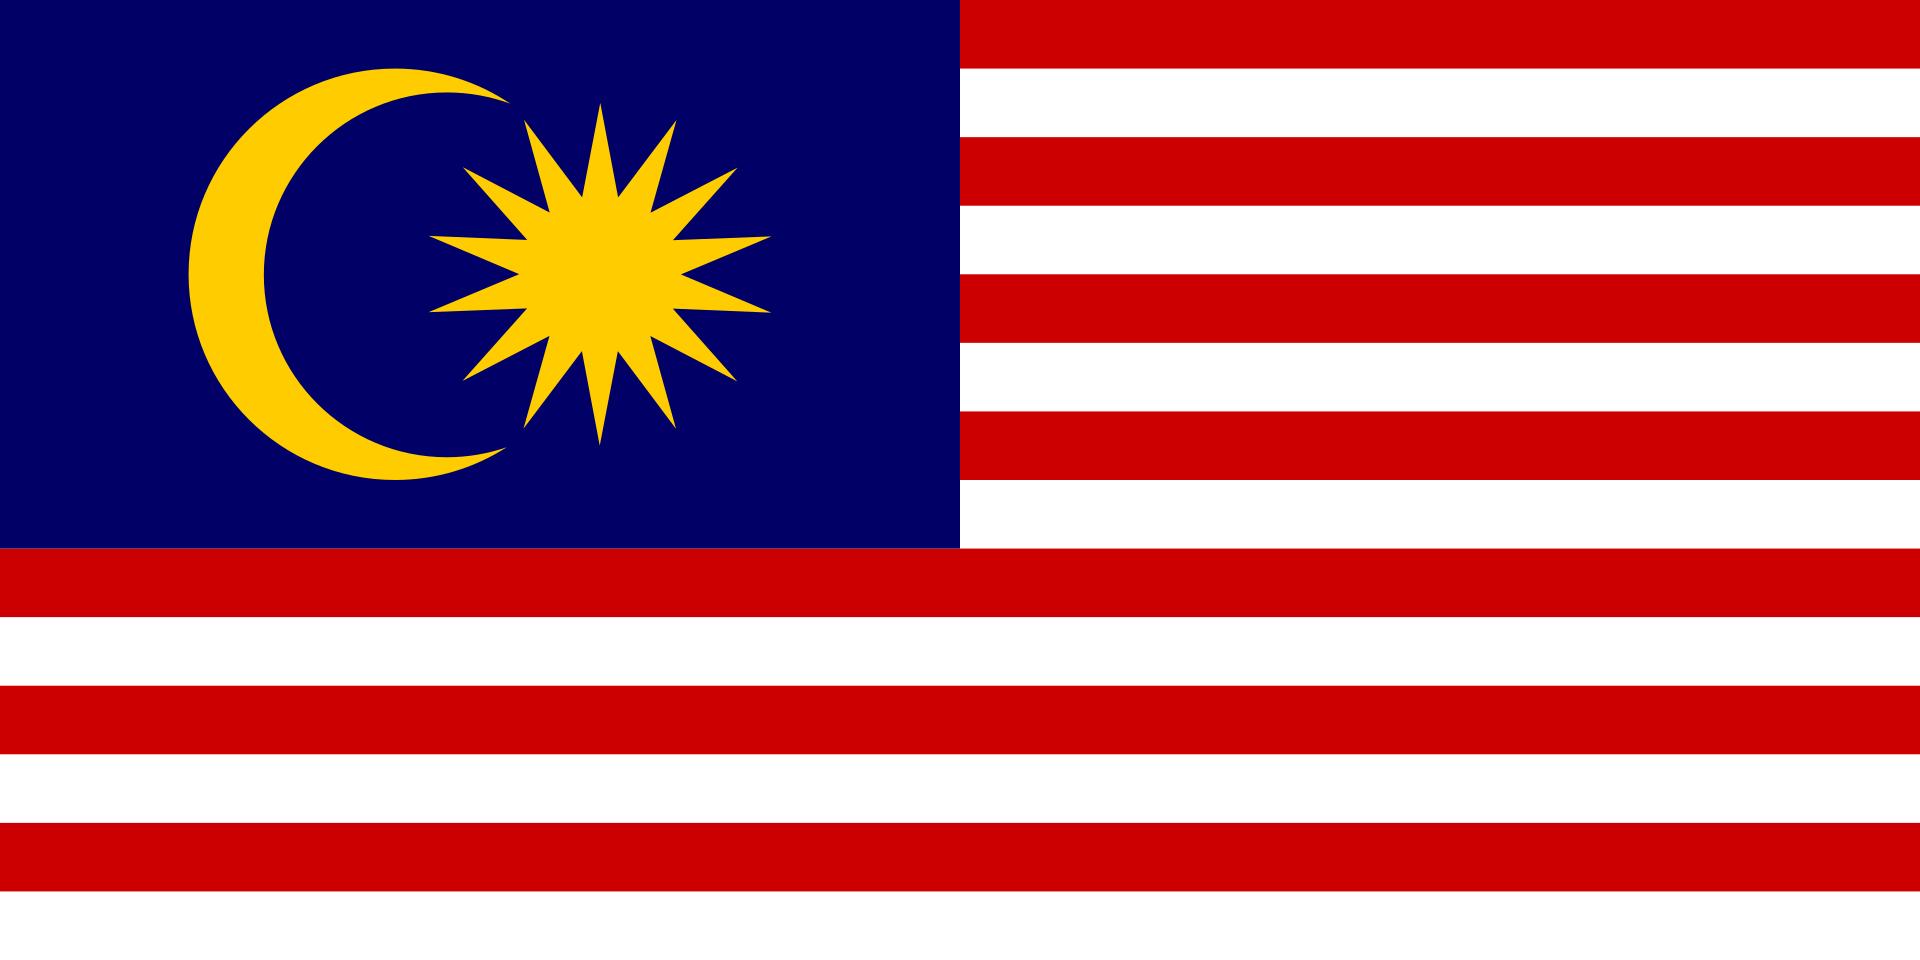 MALAYSIA - Infinity AbroadSpeedwing